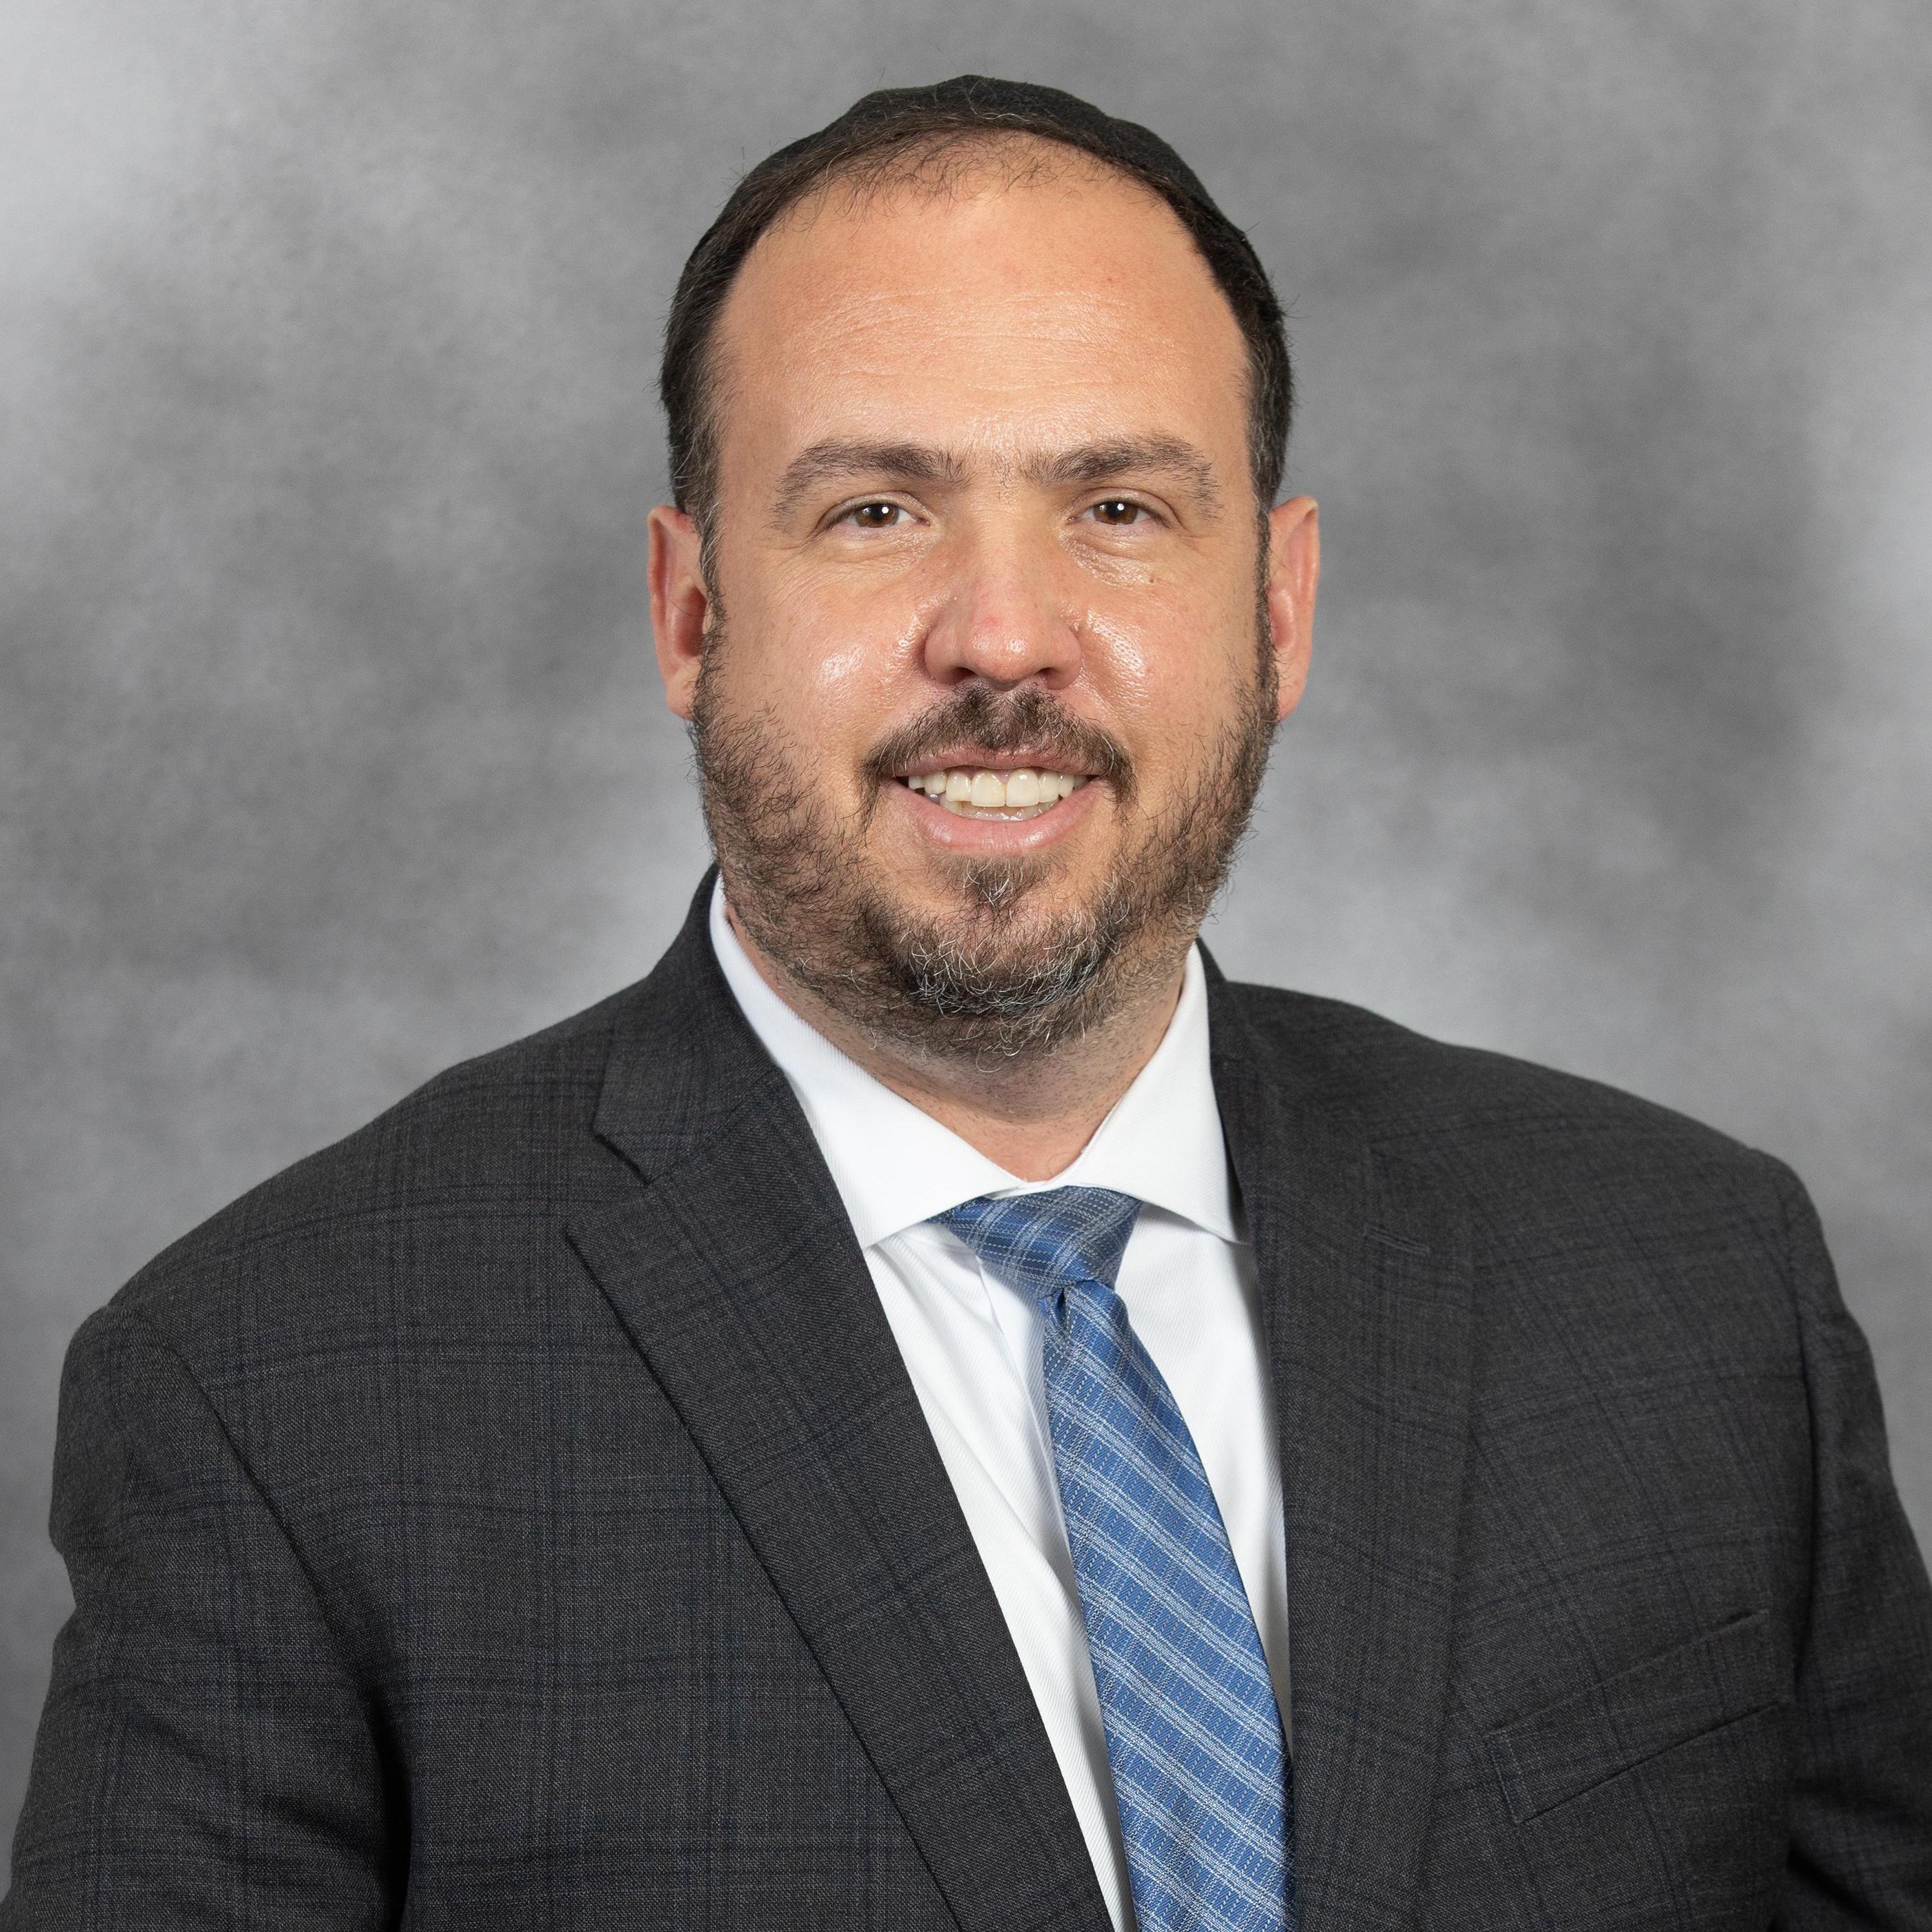 Shlomo Adelman's Profile Photo